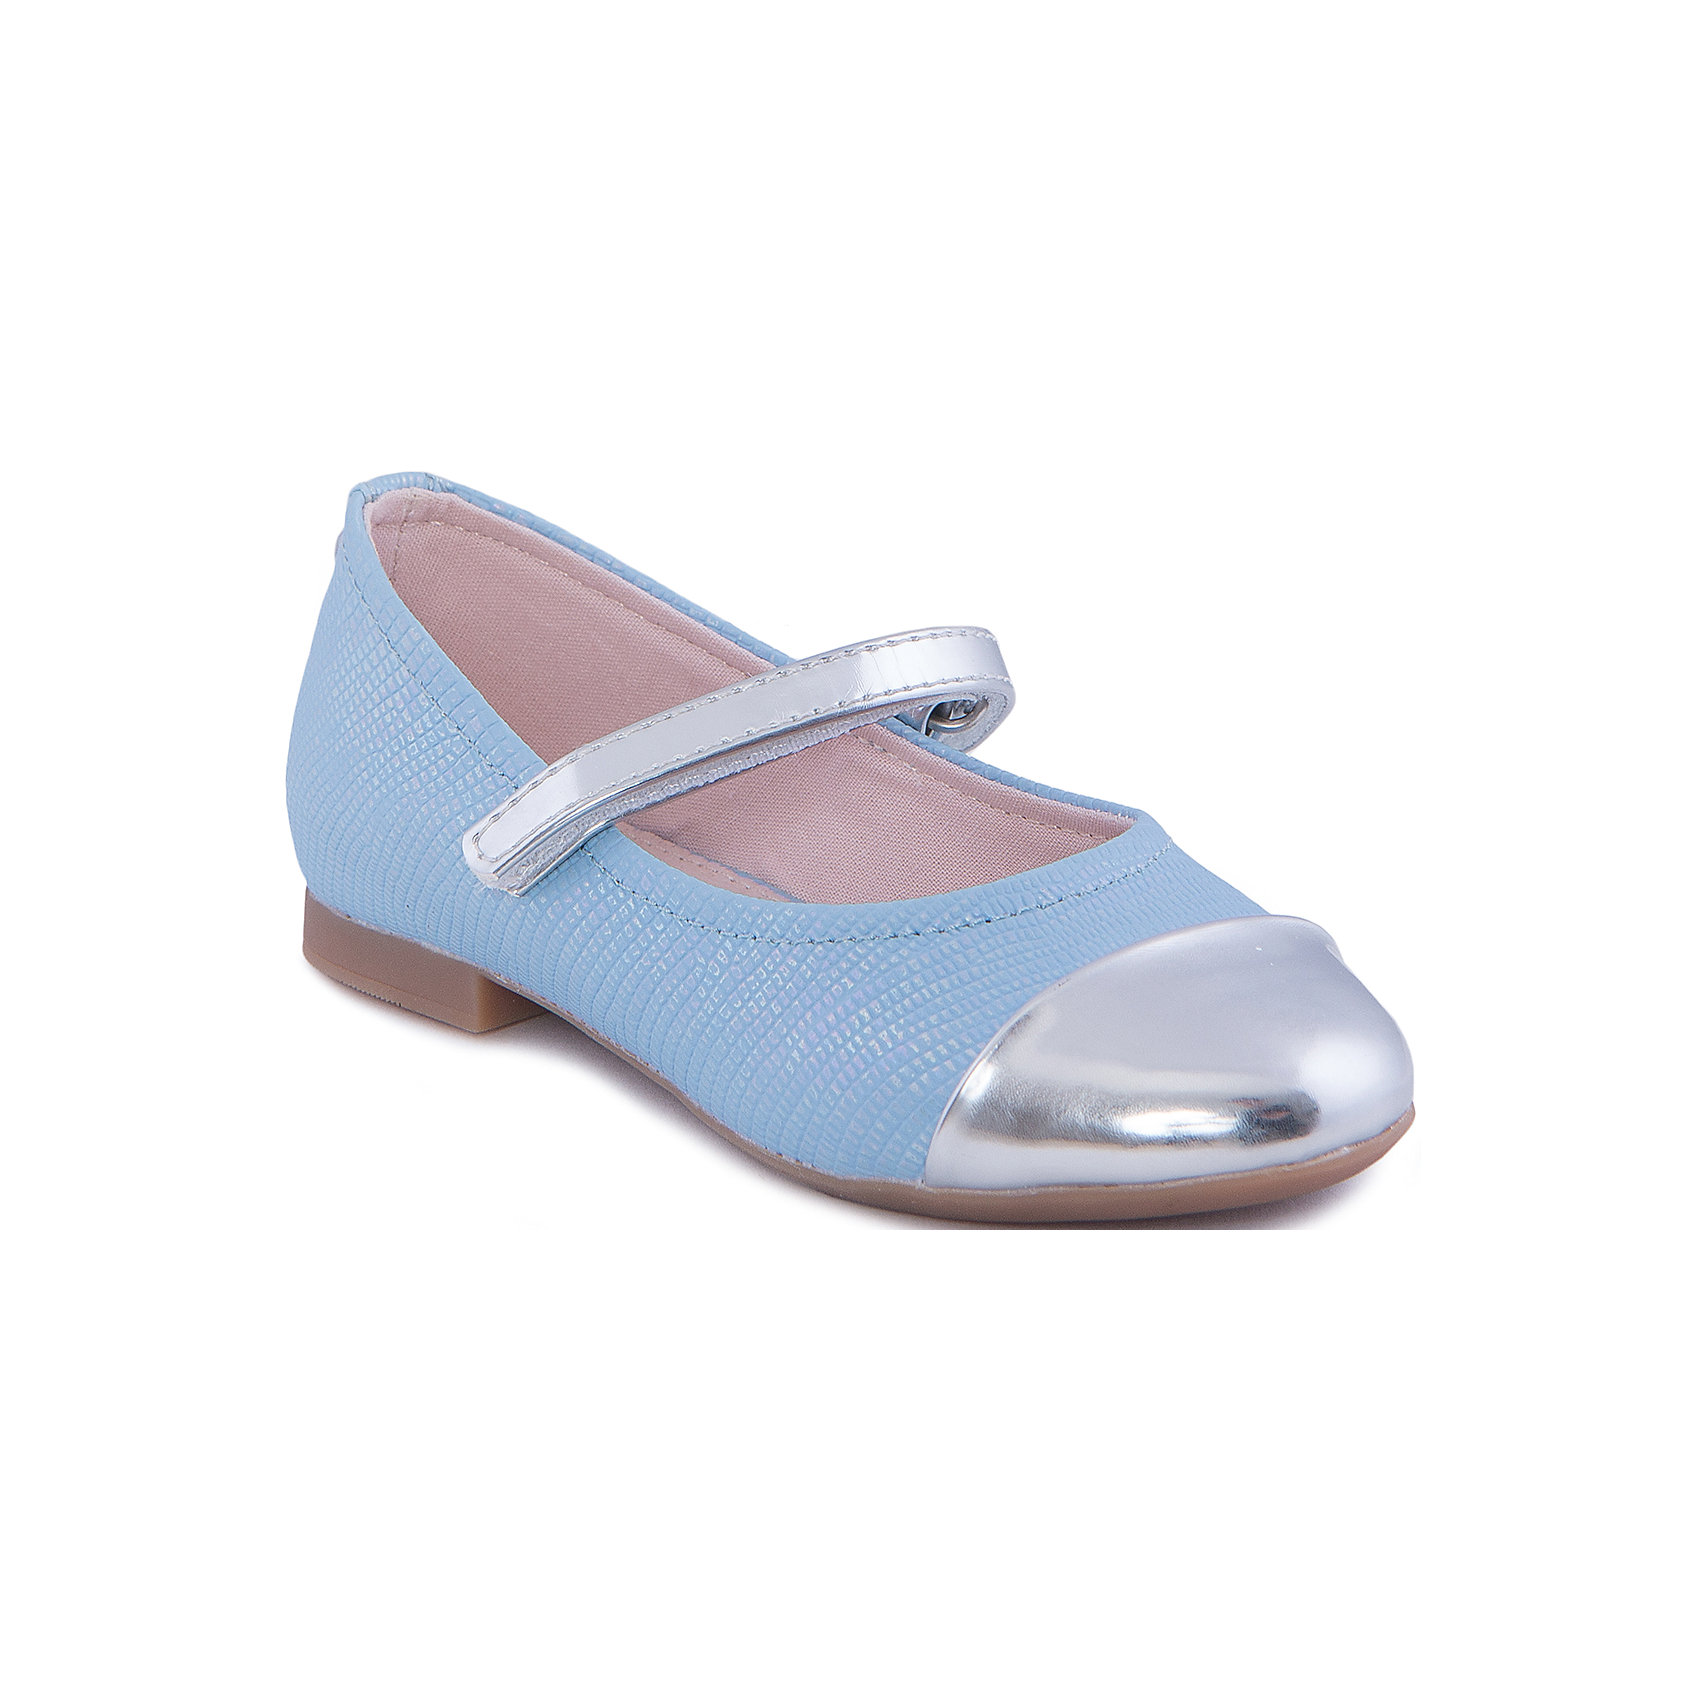 Туфли для девочки  MayoralСтильные туфли от известной испанской марки Mayoral приведут в восторг всех юных модниц! <br><br>Дополнительная информация:<br><br>- Стильный дизайн. <br>- Небольшой каблук.<br>- Застегиваются на липучку.<br>- Вставки и серебряной кожи на ремешке и носу. <br>- Состав: материал верха - 100% полиуретан; подкладка, стелька - 70% хлопок, 18% кожа, 12% - полиуретан ; подошва - 100% полиуретан.<br><br>Туфли Mayoral (Майорал) можно купить в нашем магазине.<br><br>Ширина мм: 227<br>Глубина мм: 145<br>Высота мм: 124<br>Вес г: 325<br>Цвет: голубой<br>Возраст от месяцев: 24<br>Возраст до месяцев: 36<br>Пол: Женский<br>Возраст: Детский<br>Размер: 28,29,26,30,31,32,27<br>SKU: 4539797